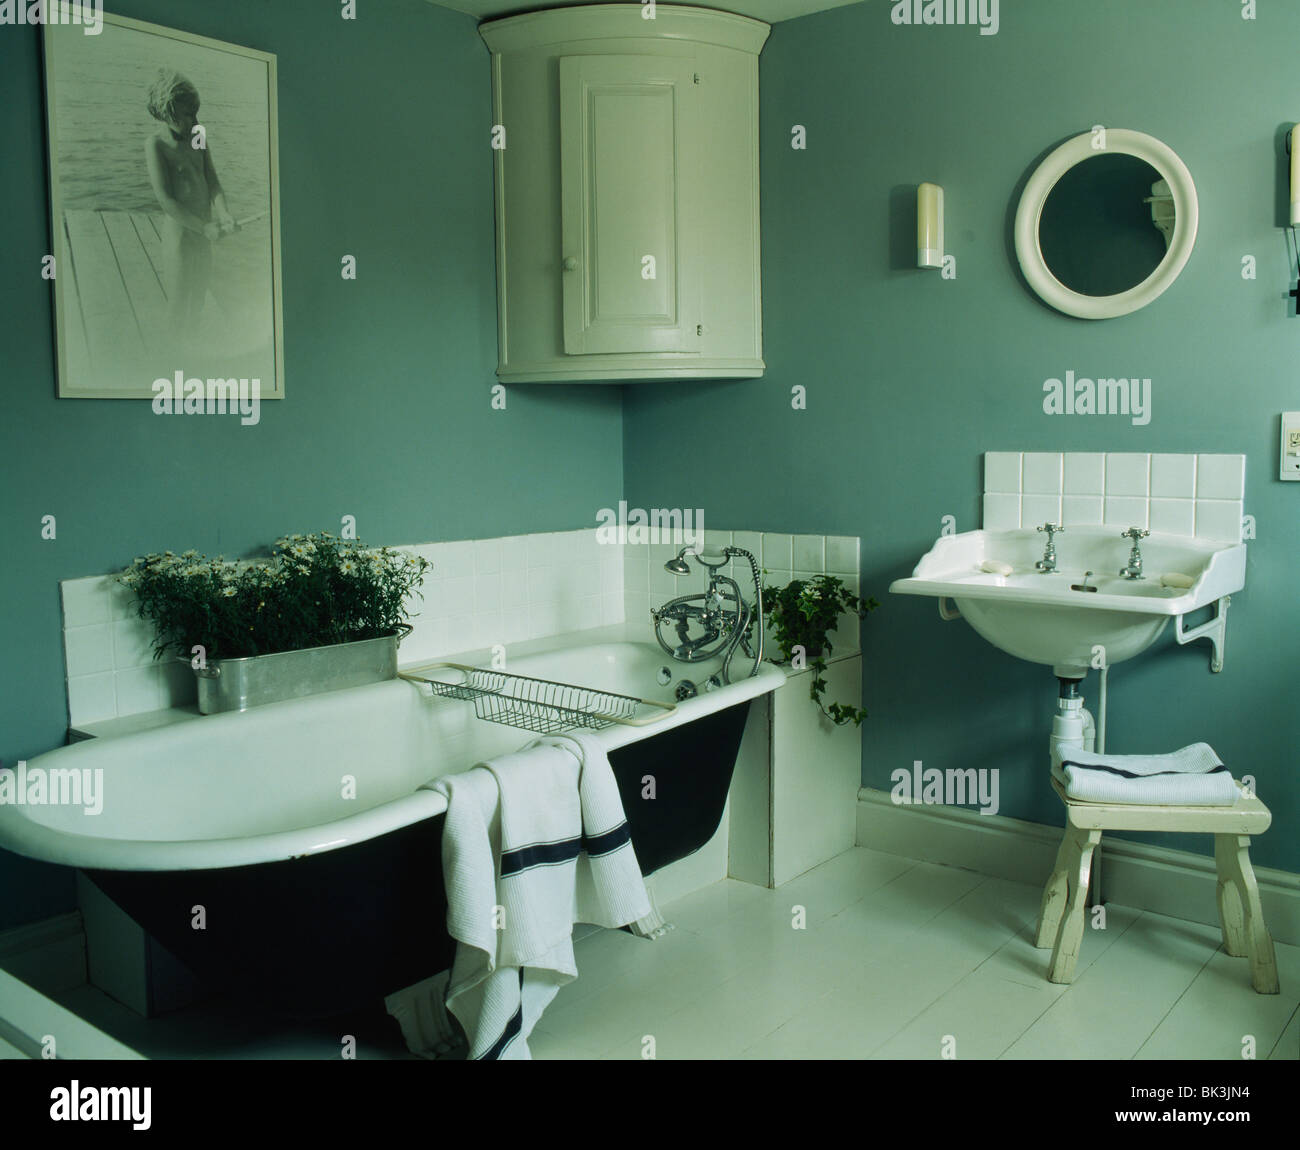 Roll Top Badewanne Und Weiße Wand Eckschrank In Grau Blau Badezimmer Mit  Weißer Bodenbelag